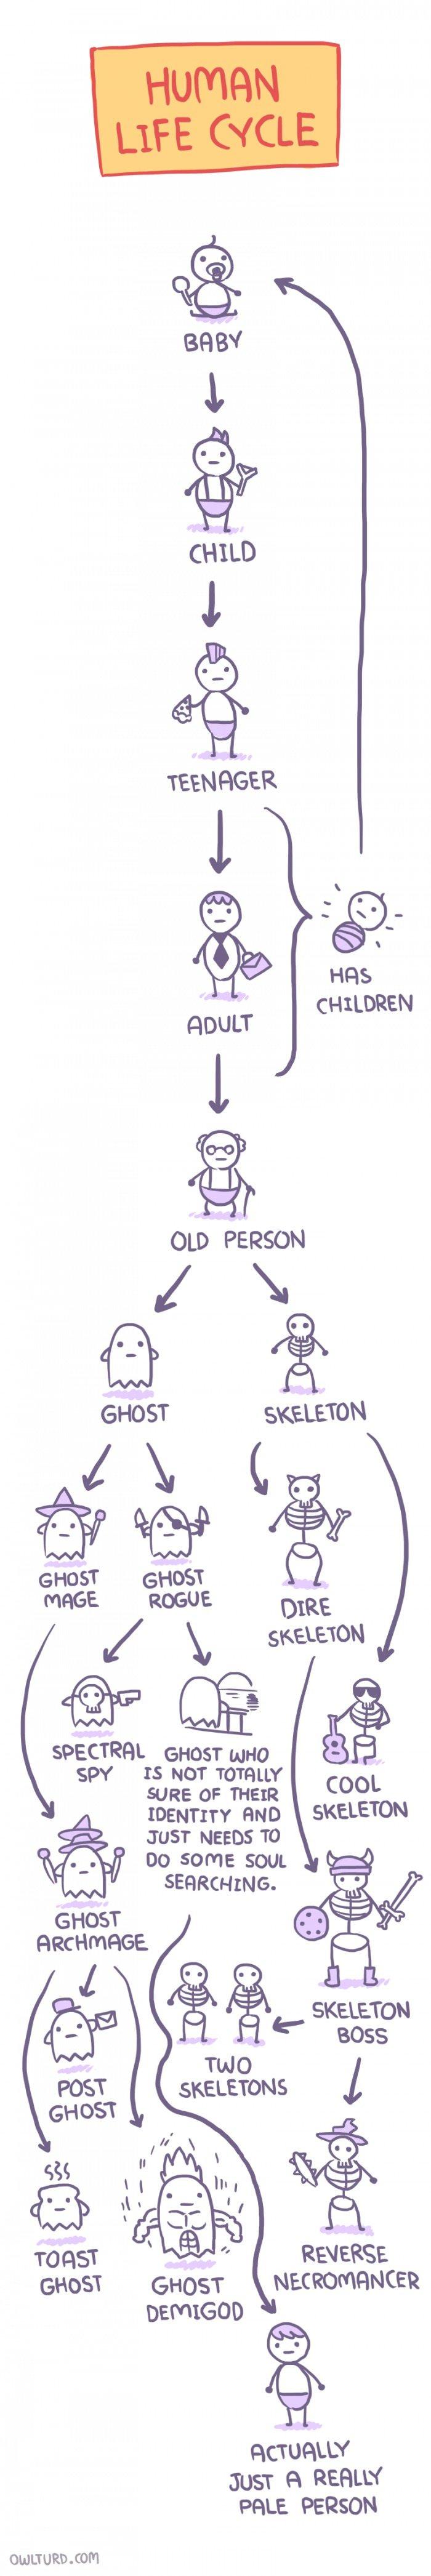 Human Life Cycle Comic